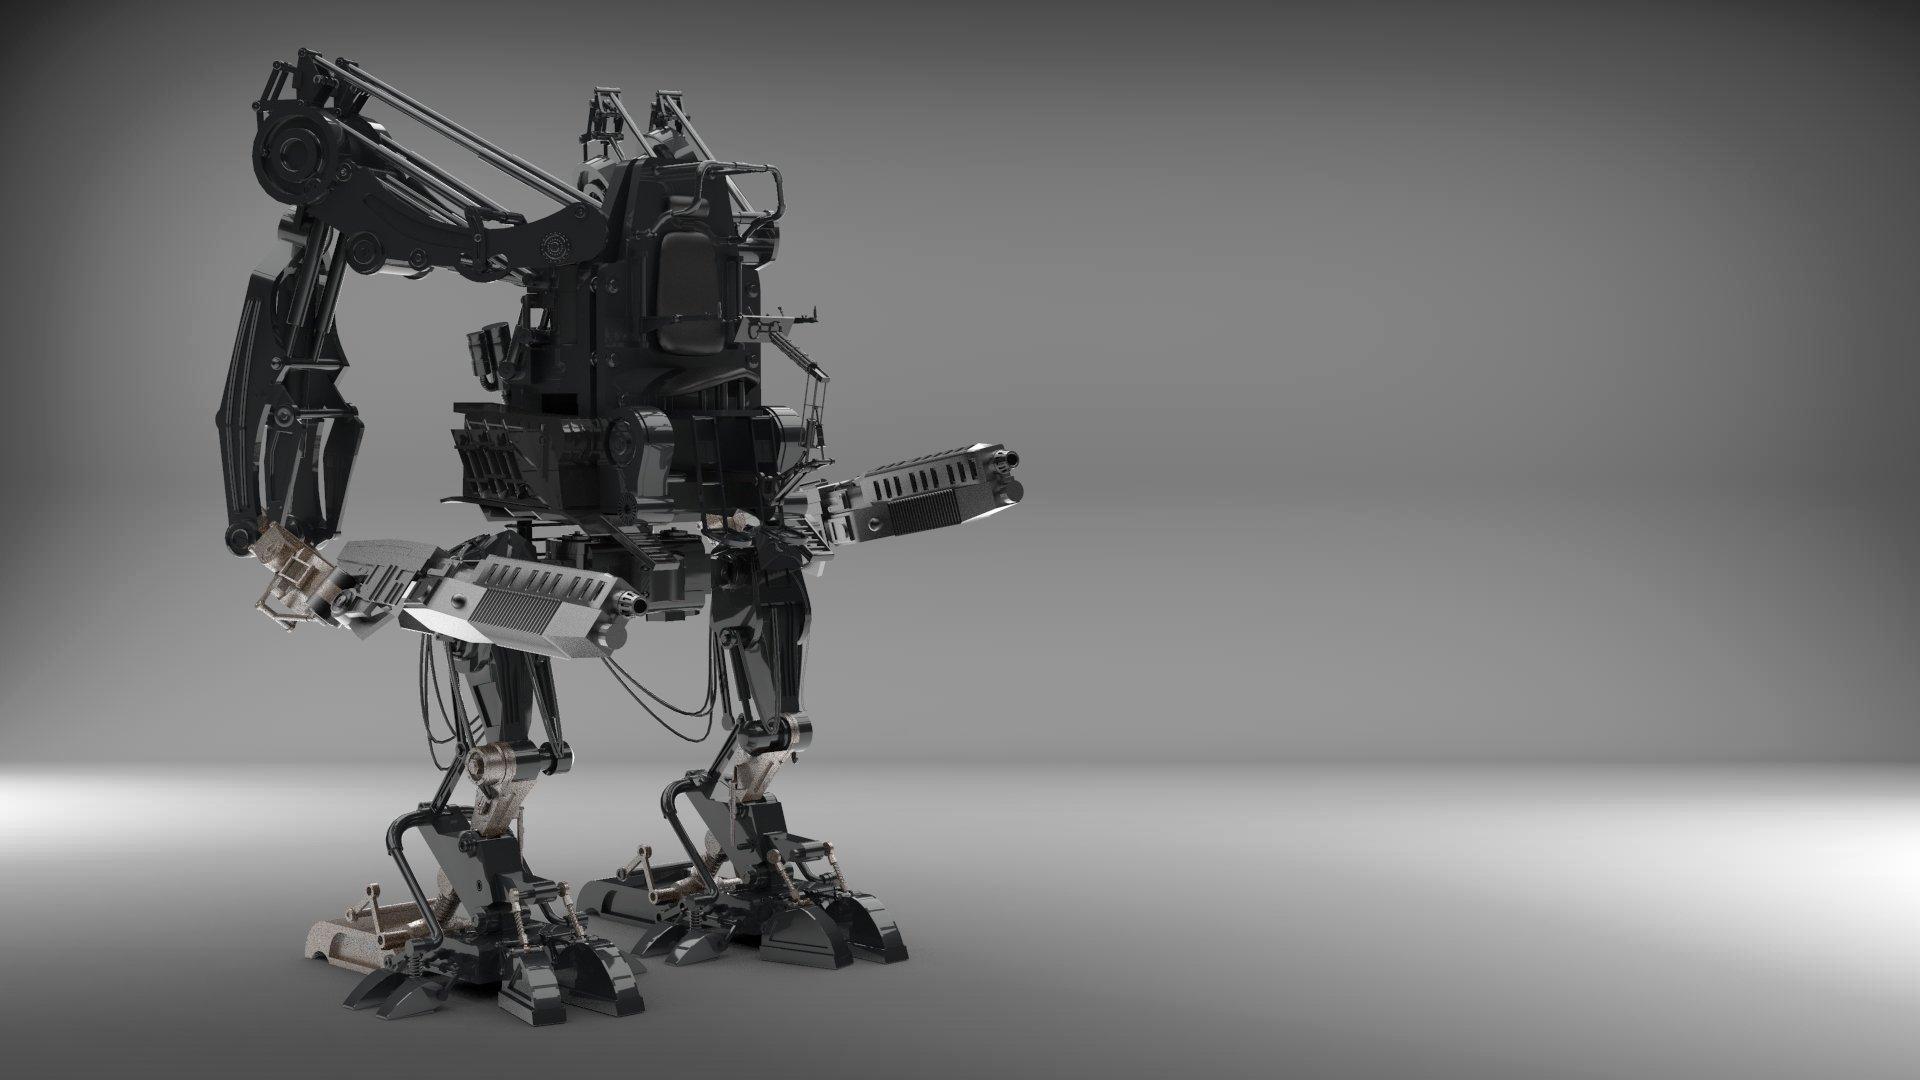 Matrix Apu Armoured Personnel Unit Robot Walker Exosuit APUDL